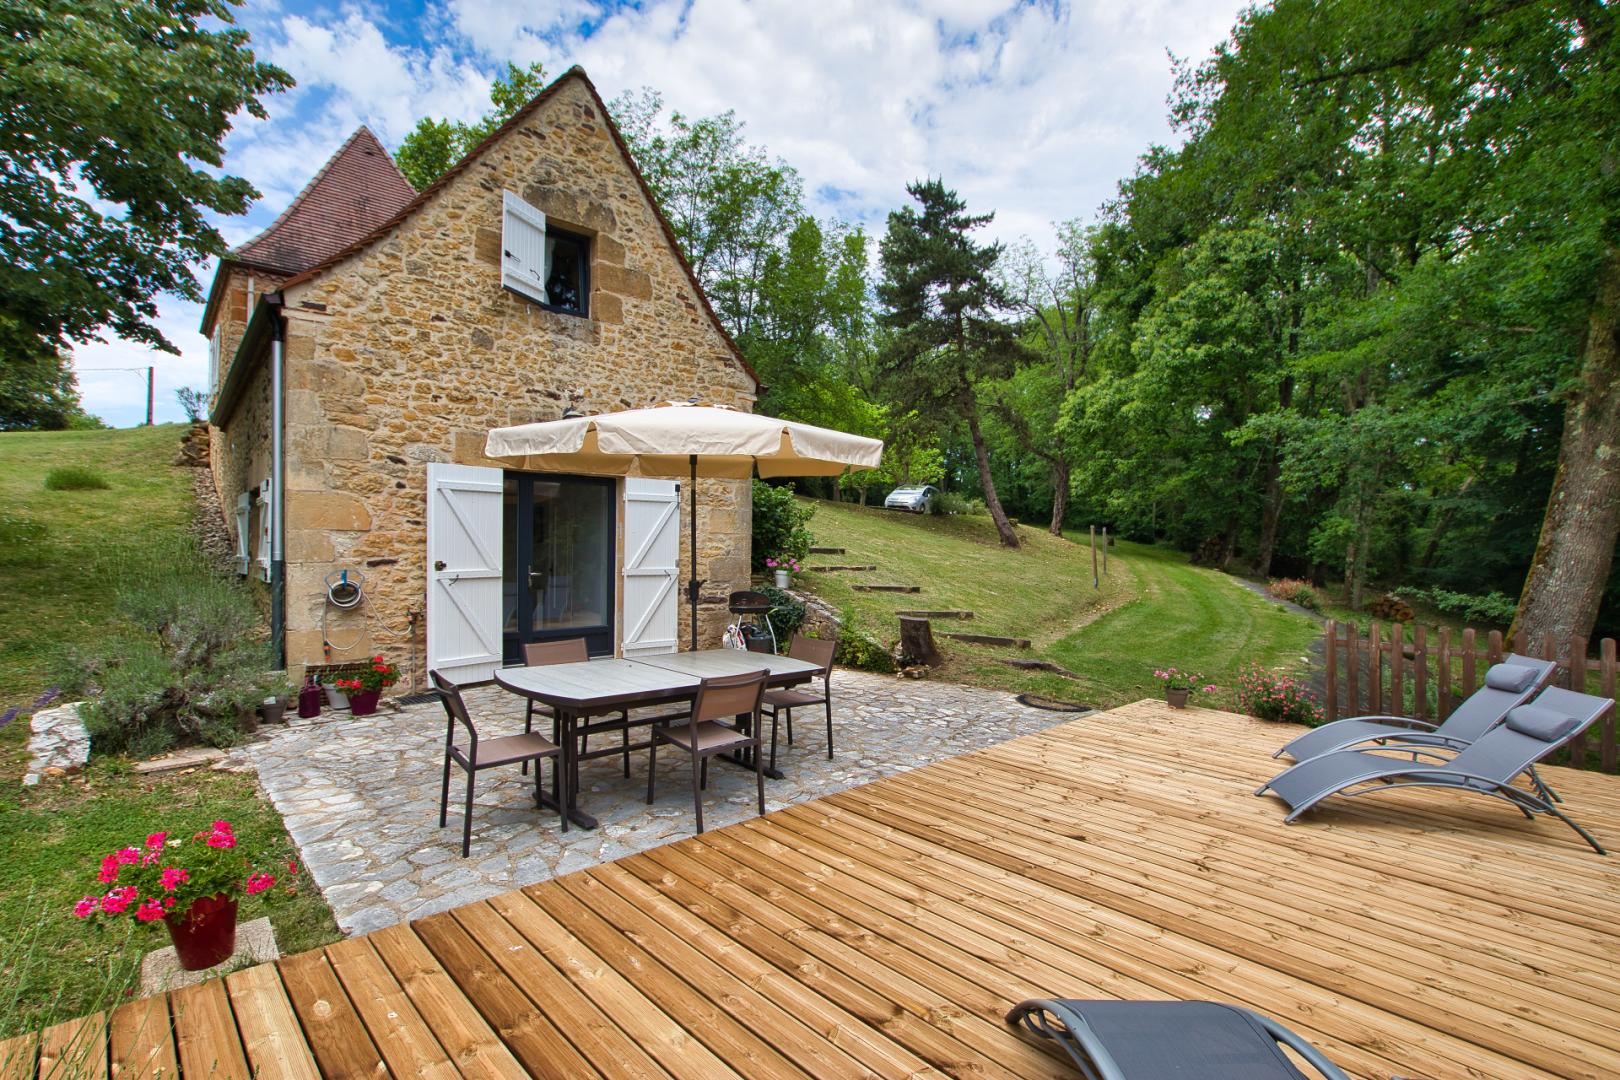 SARLAT- Maison en pierre idéalement située avec terrain